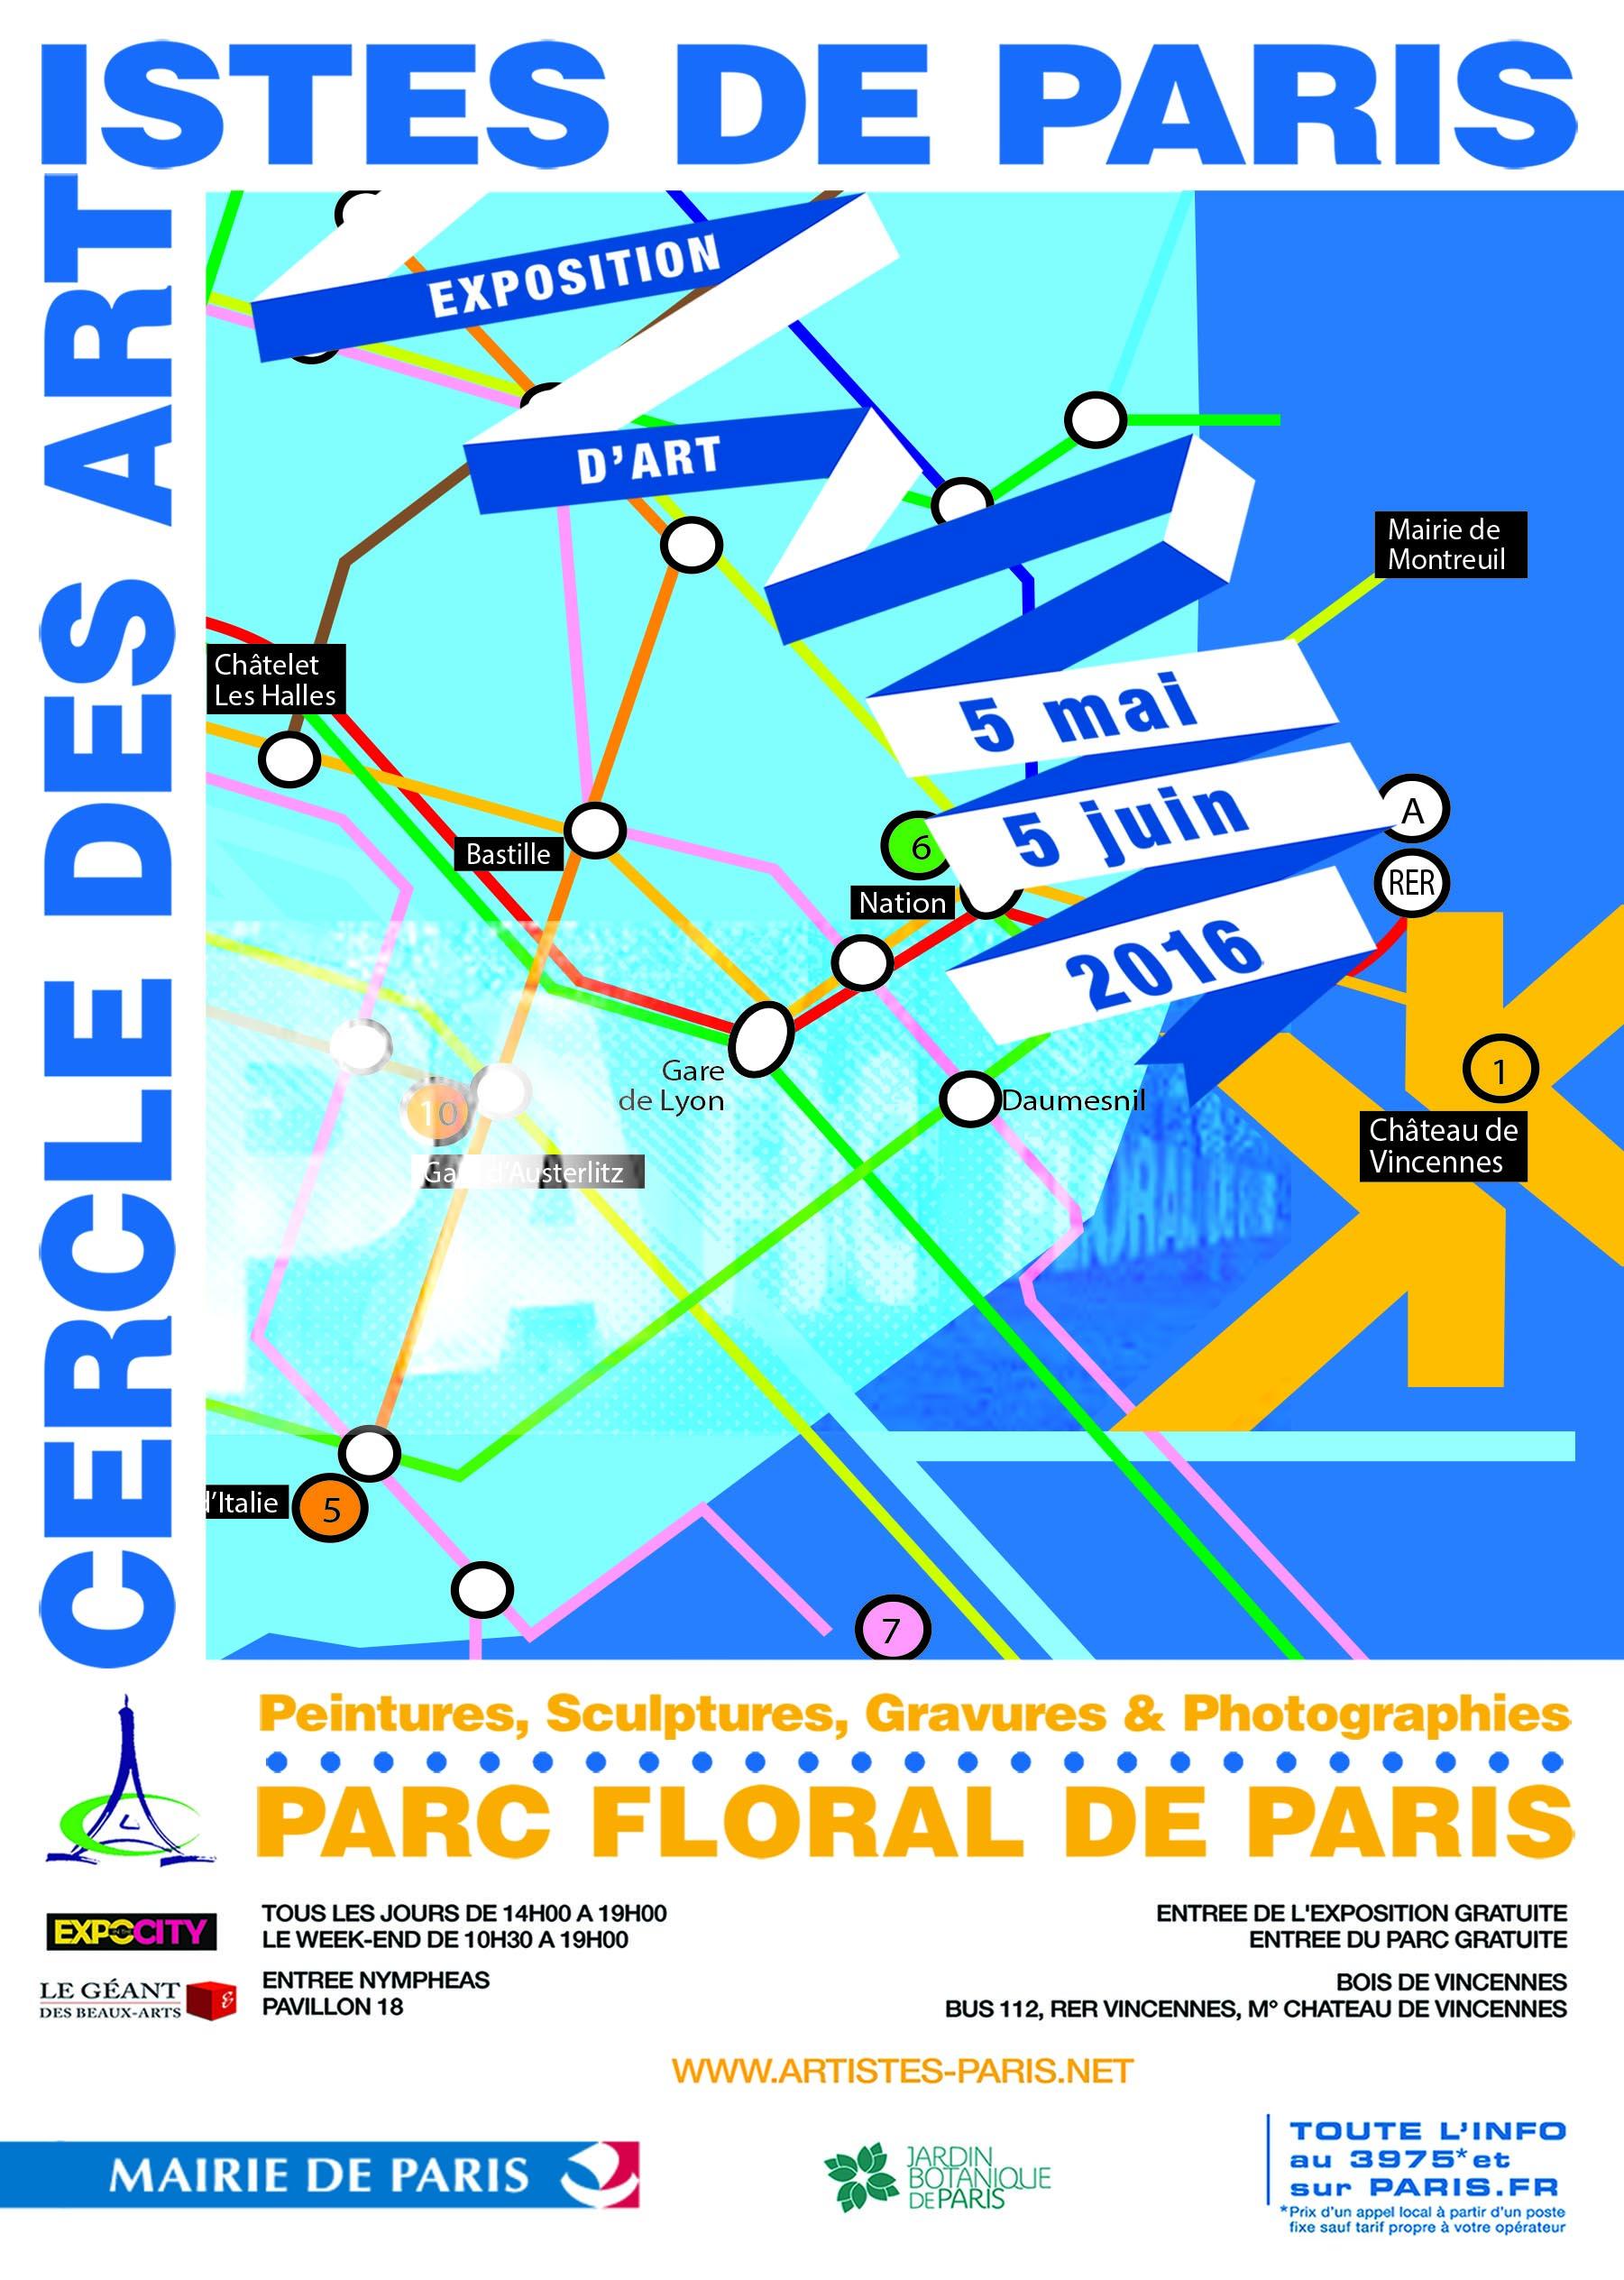 Cercle des Artistes de Paris  au Parc Floral de Paris du 5 Mai au 5 Juin